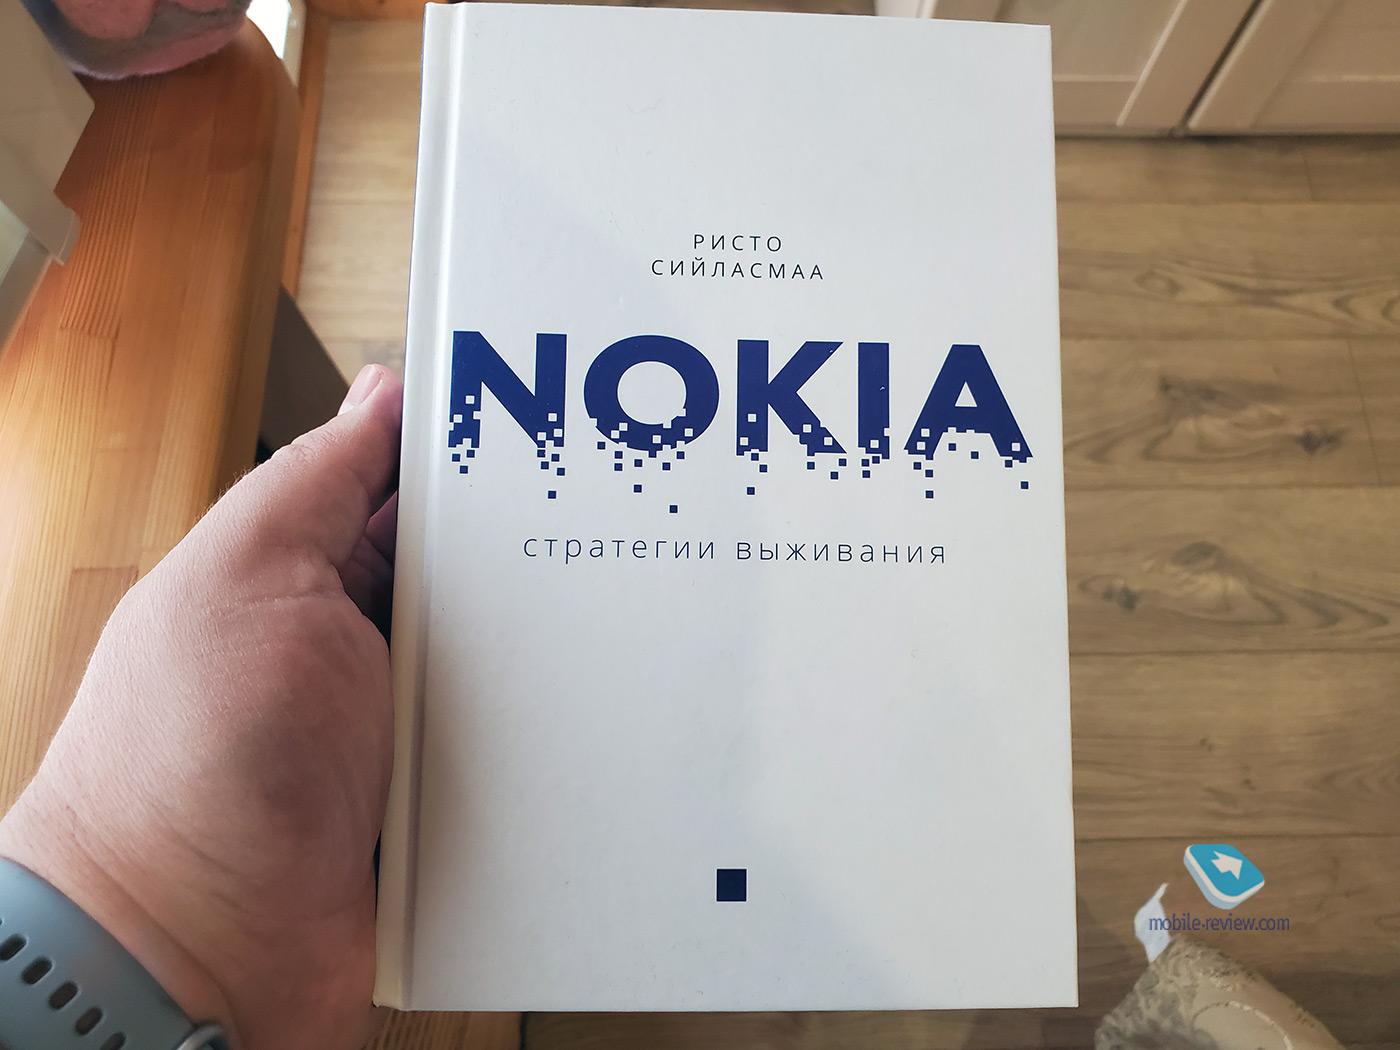 Убивая Nokia. Откровенная исповедь бывшего президента компании